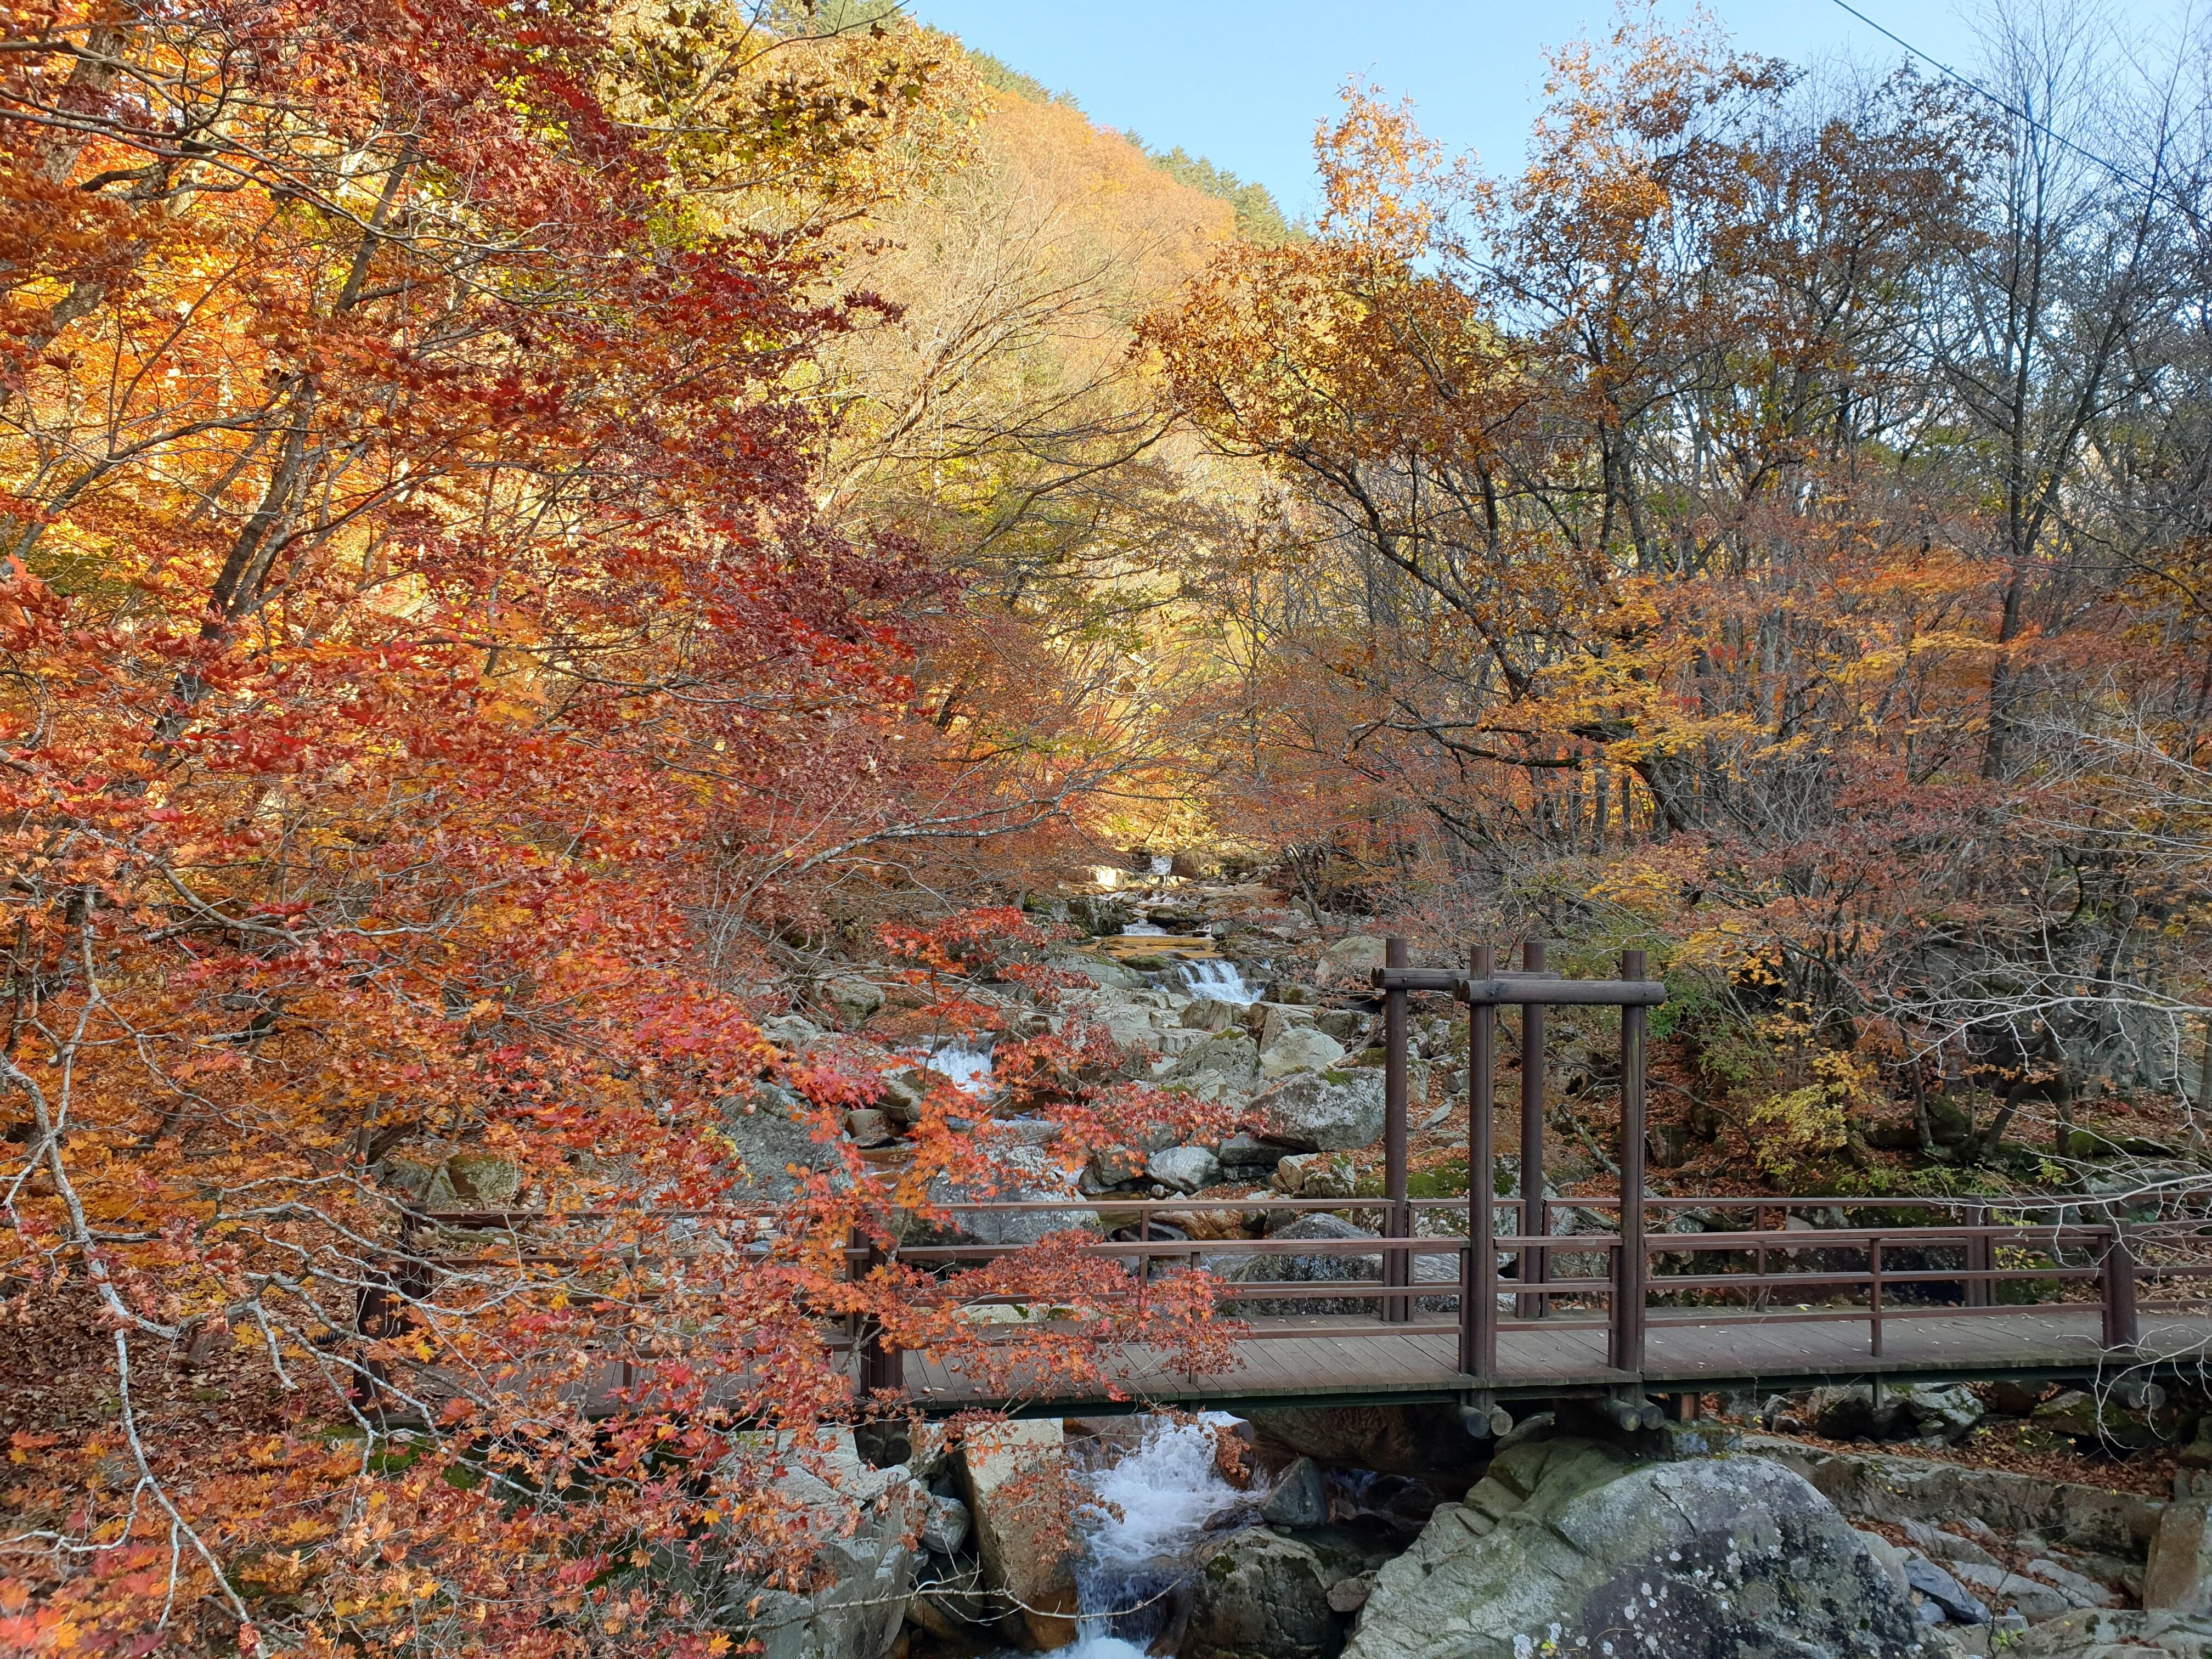 방태산자연휴양림 계곡 가을단풍(구룡교)_2020년 10월 20일 15시 촬영.jpg